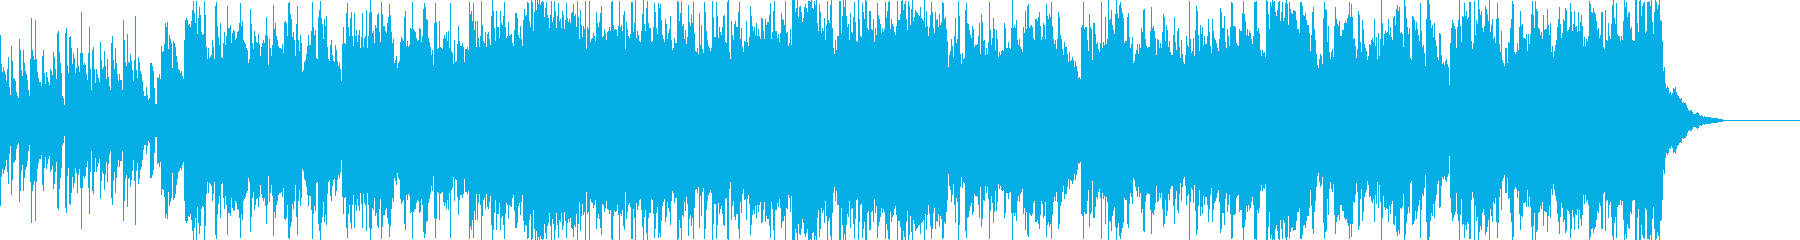 軽快でかわいいエレピポップジングルの再生済みの波形